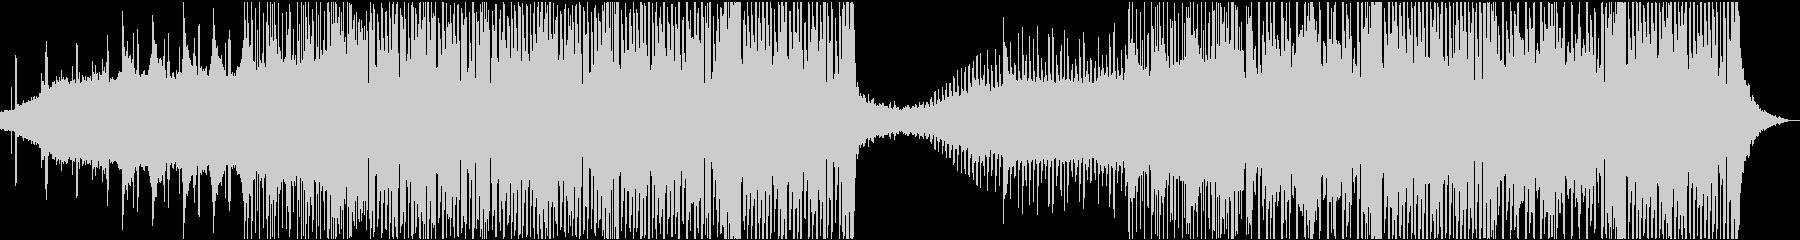 ダークで少し不思議なエレクトロの未再生の波形